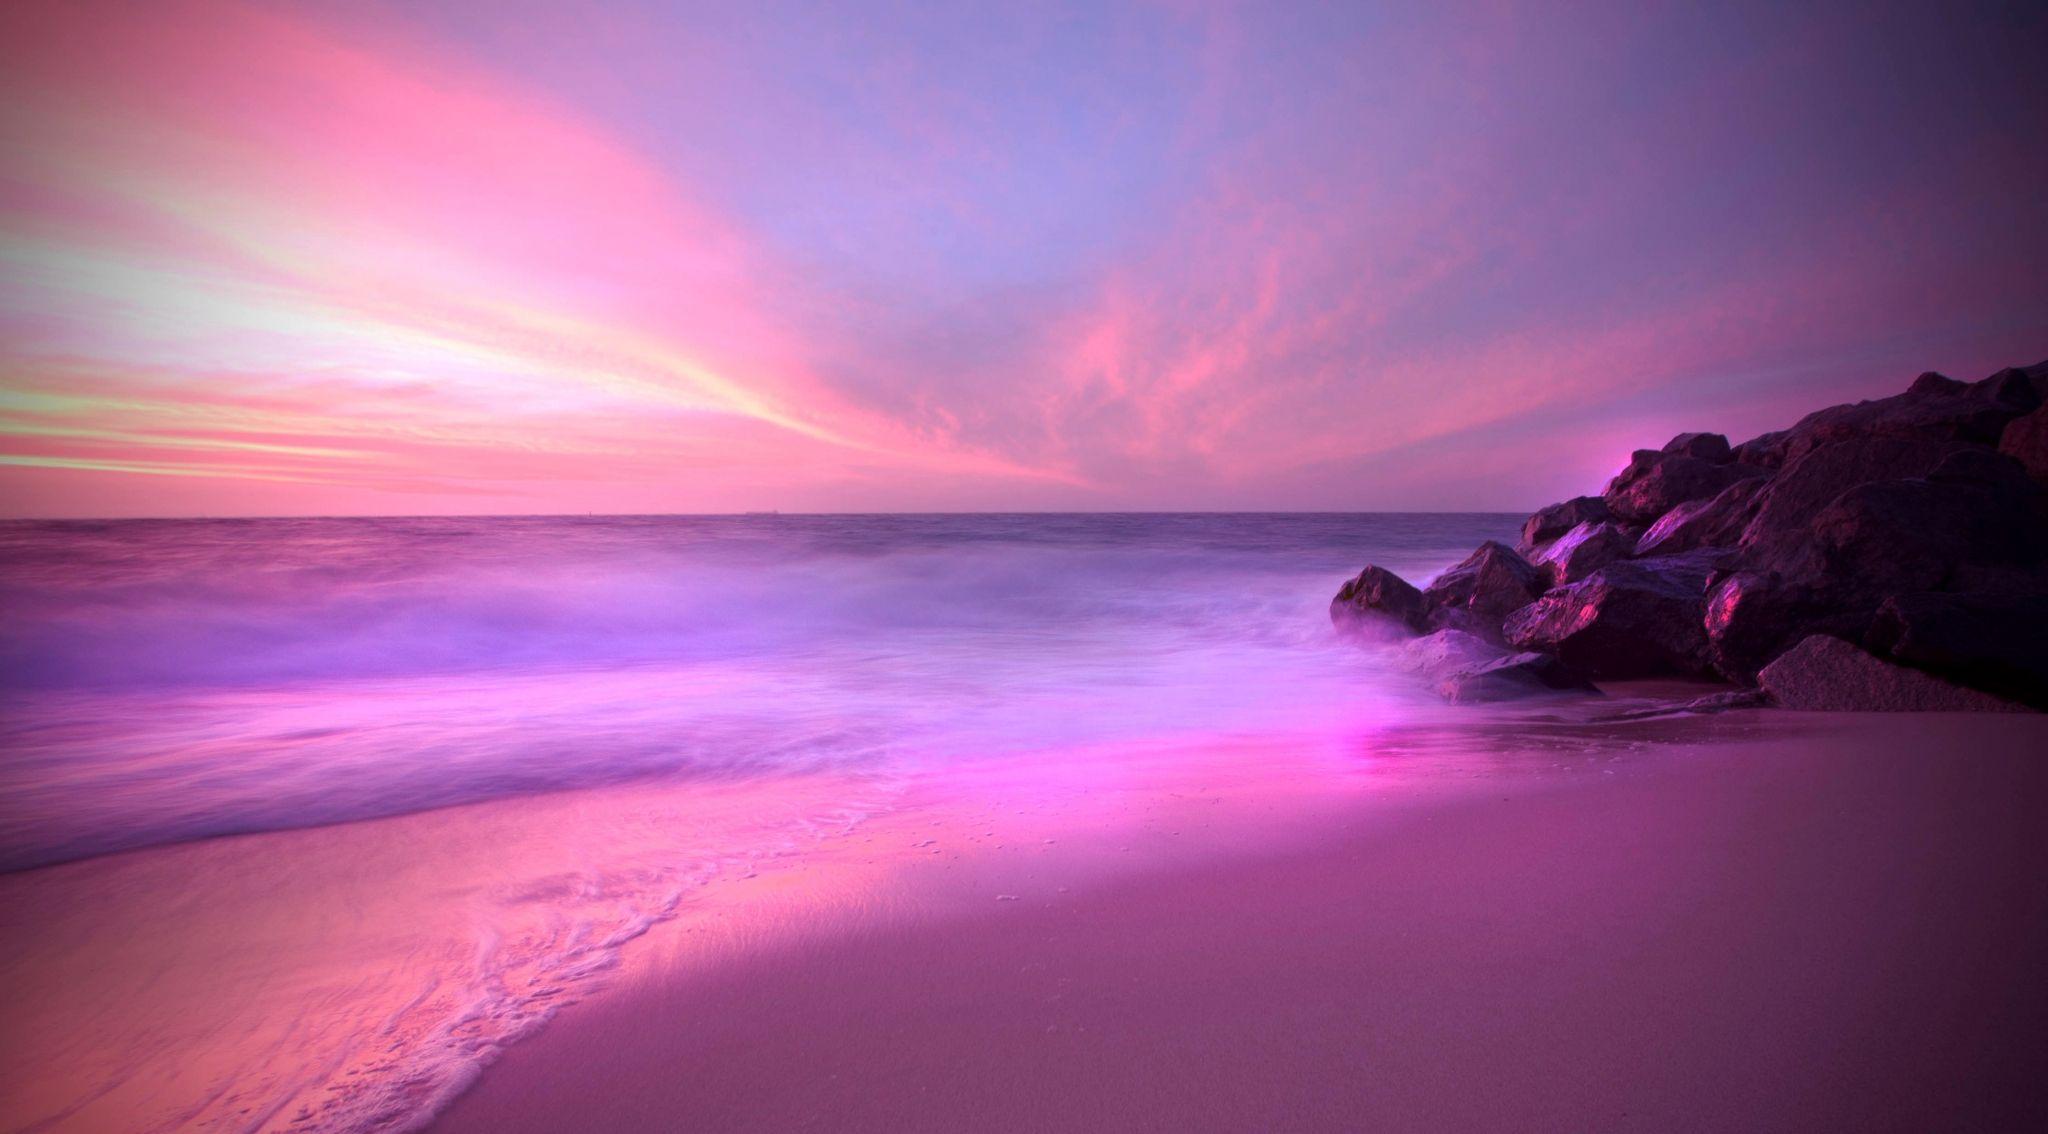 море фиолетовых цветов картинки взрослых